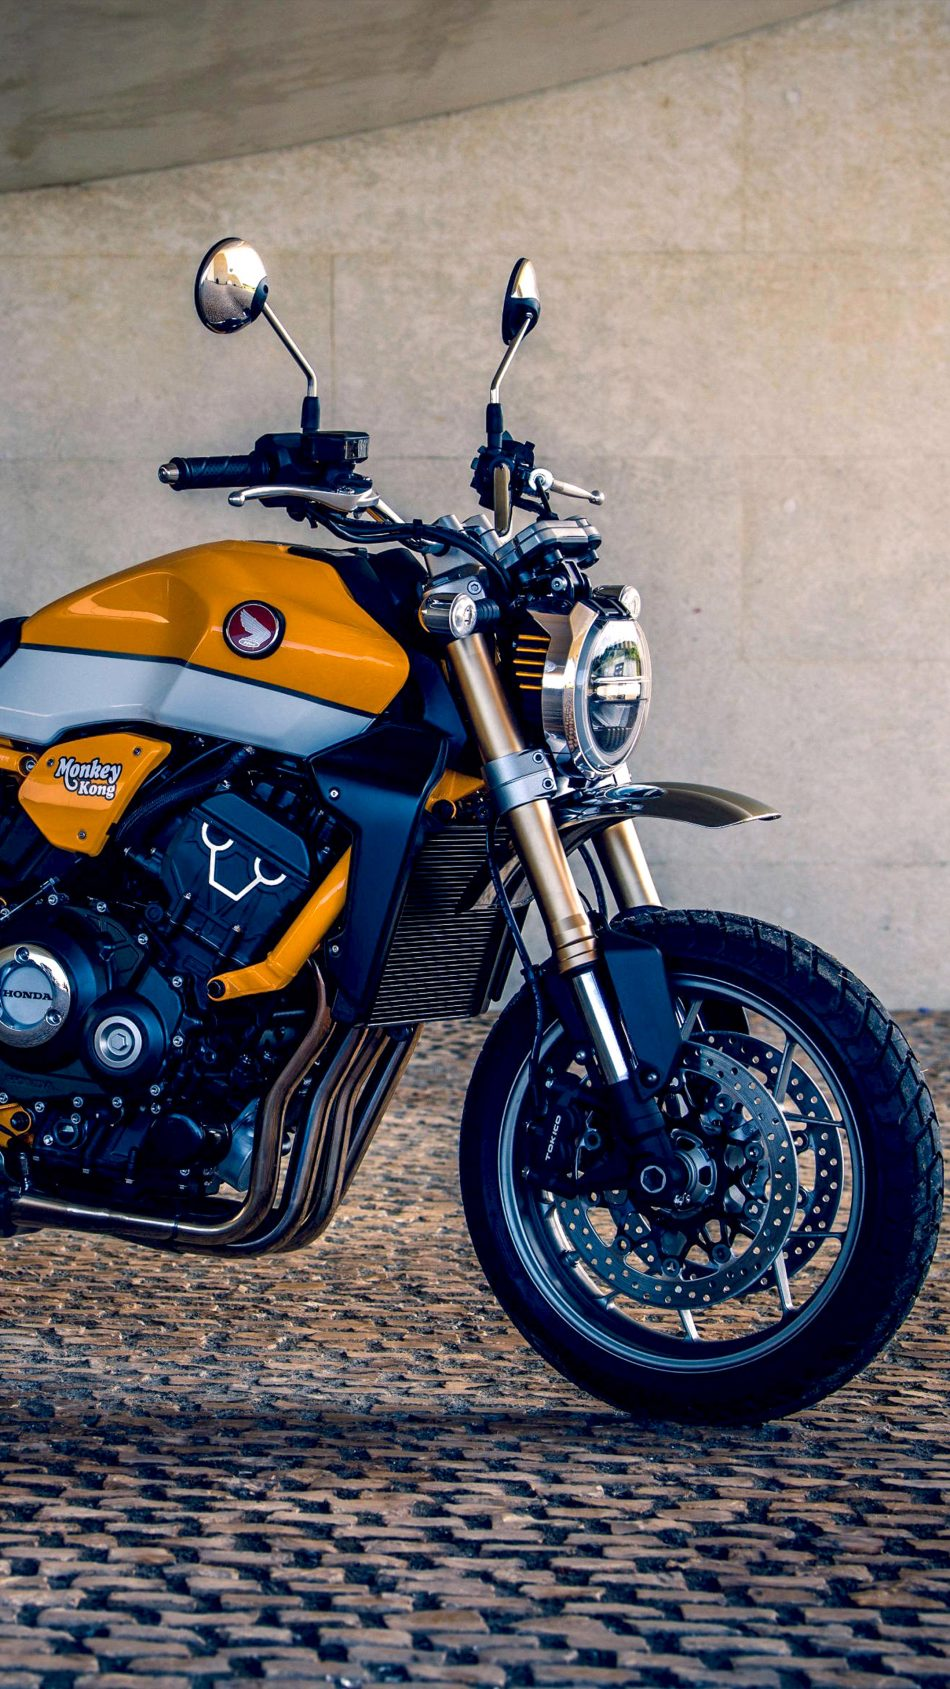 Honda CB1000R Monkey Kong 2019 4K Ultra HD Mobile Wallpaper